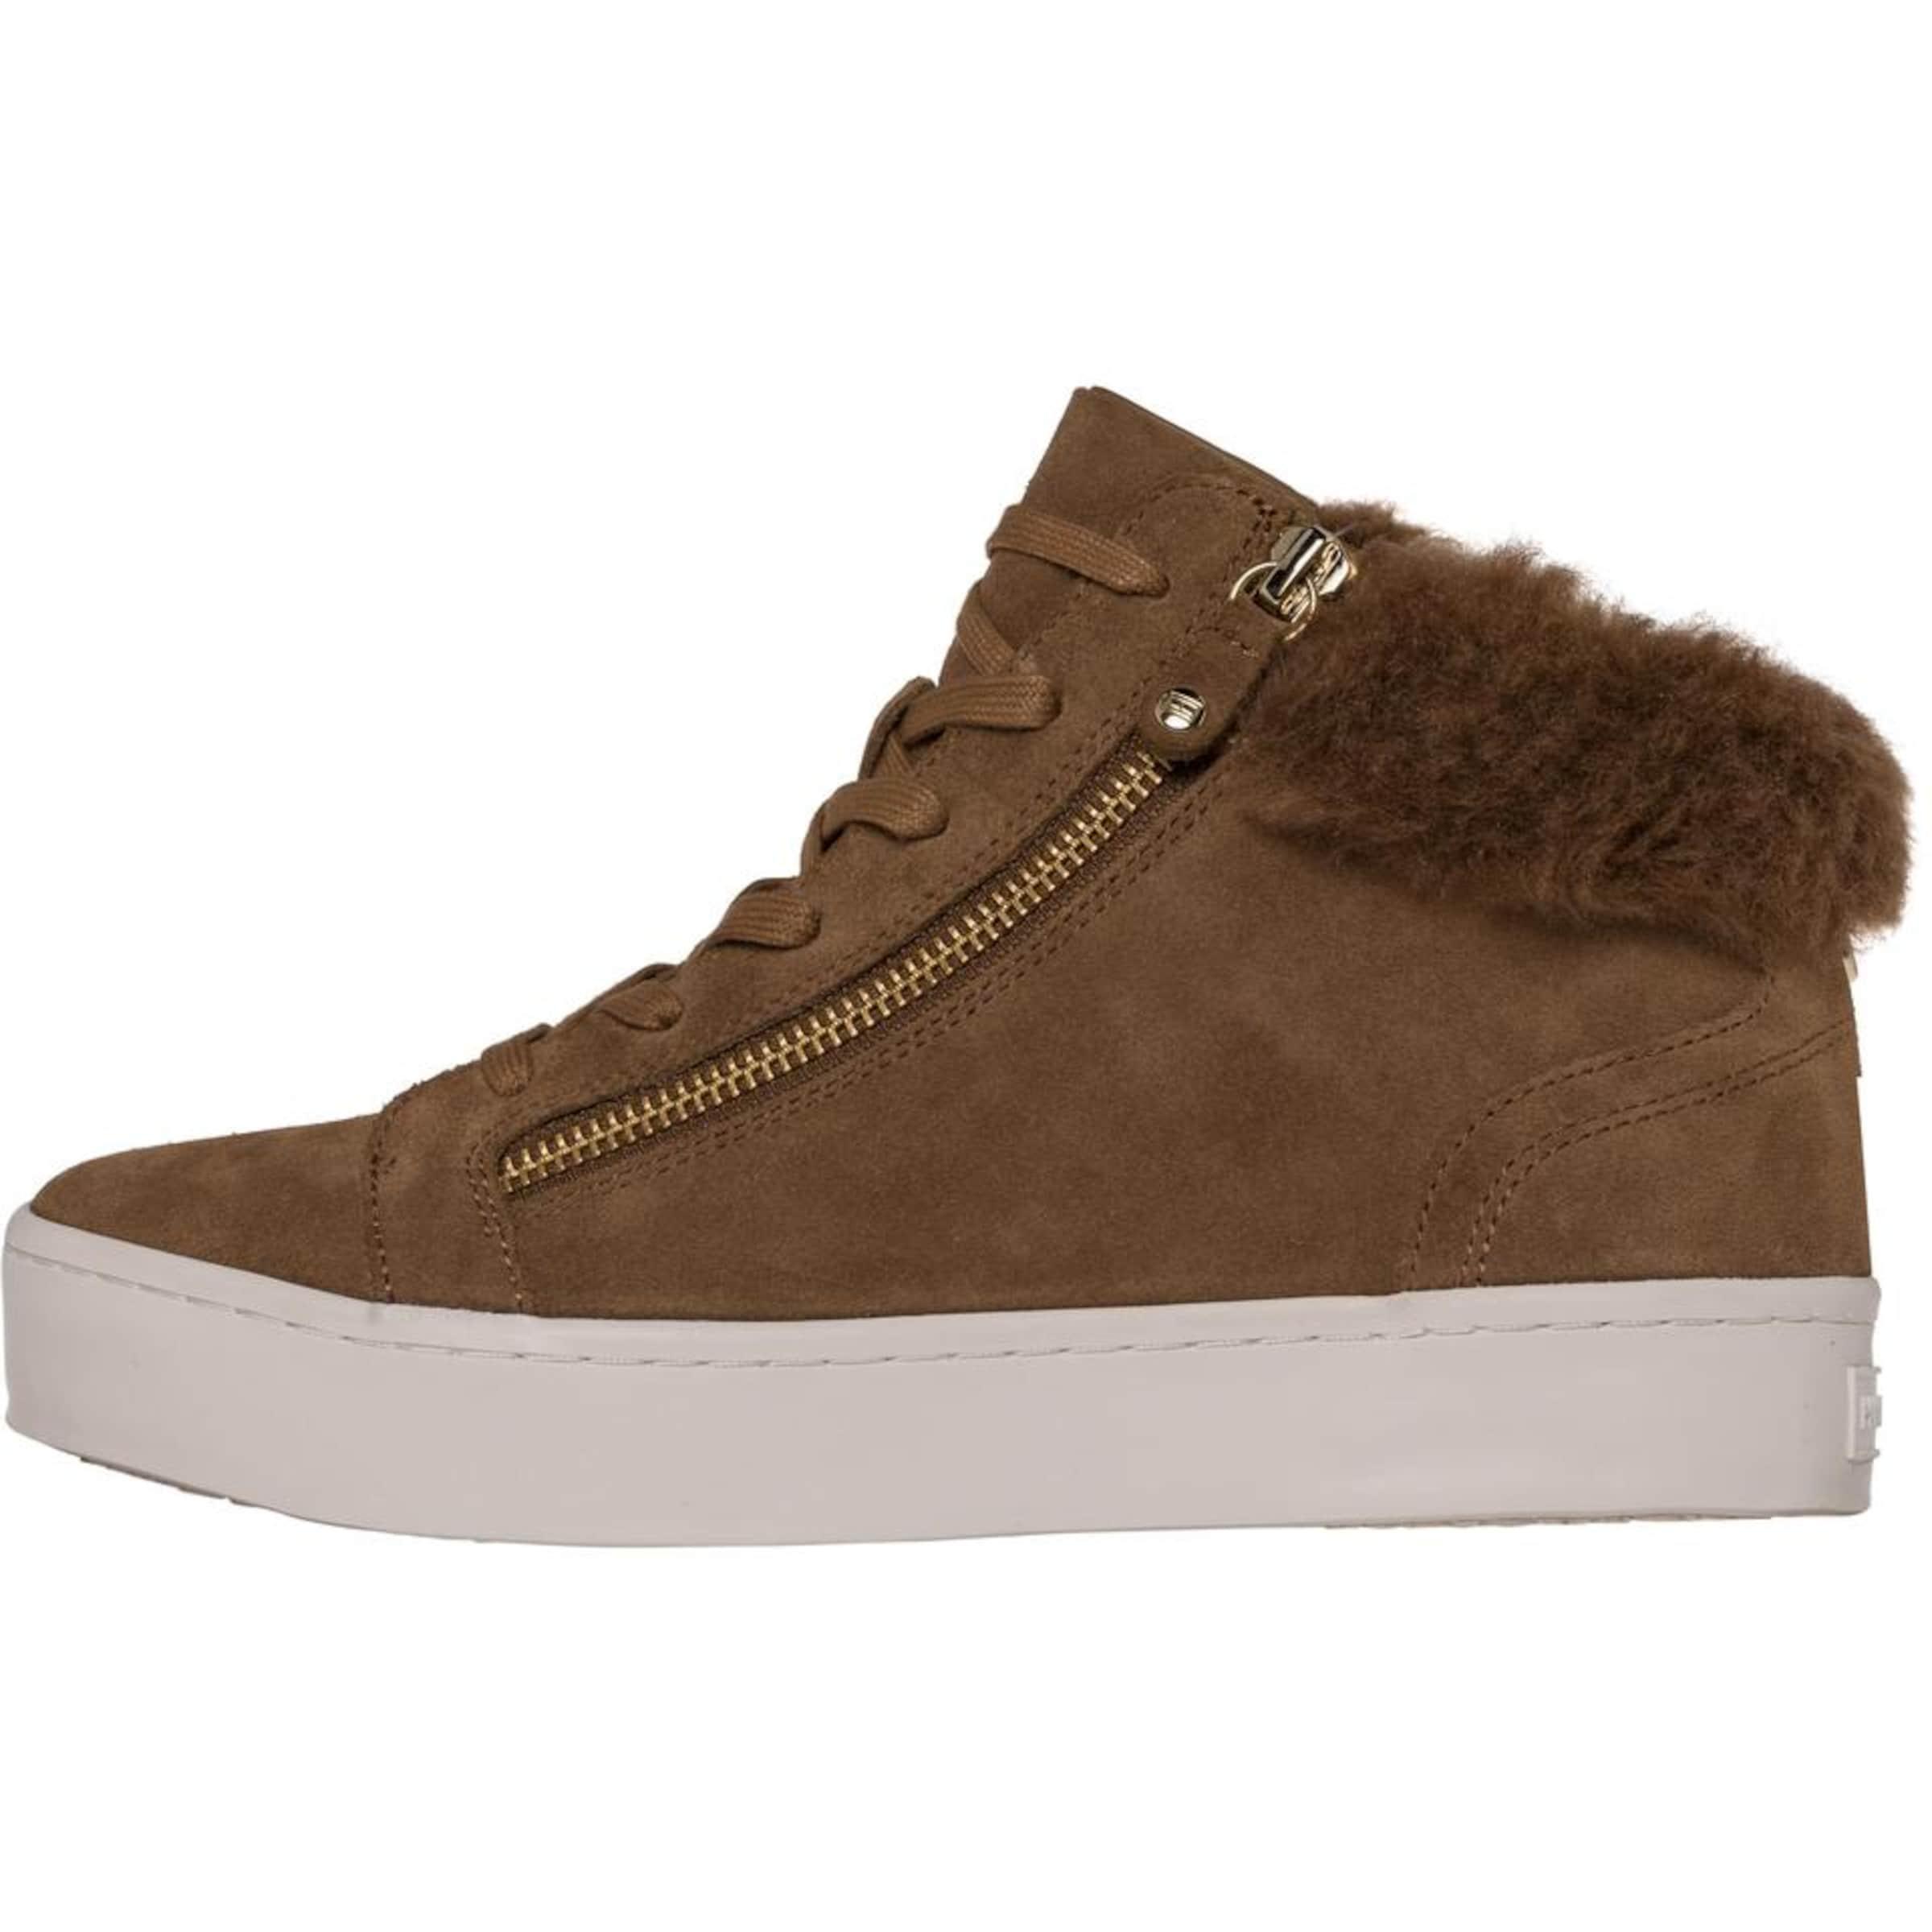 TOMMY HILFIGER Sneaker  J1285UPITER 1B1